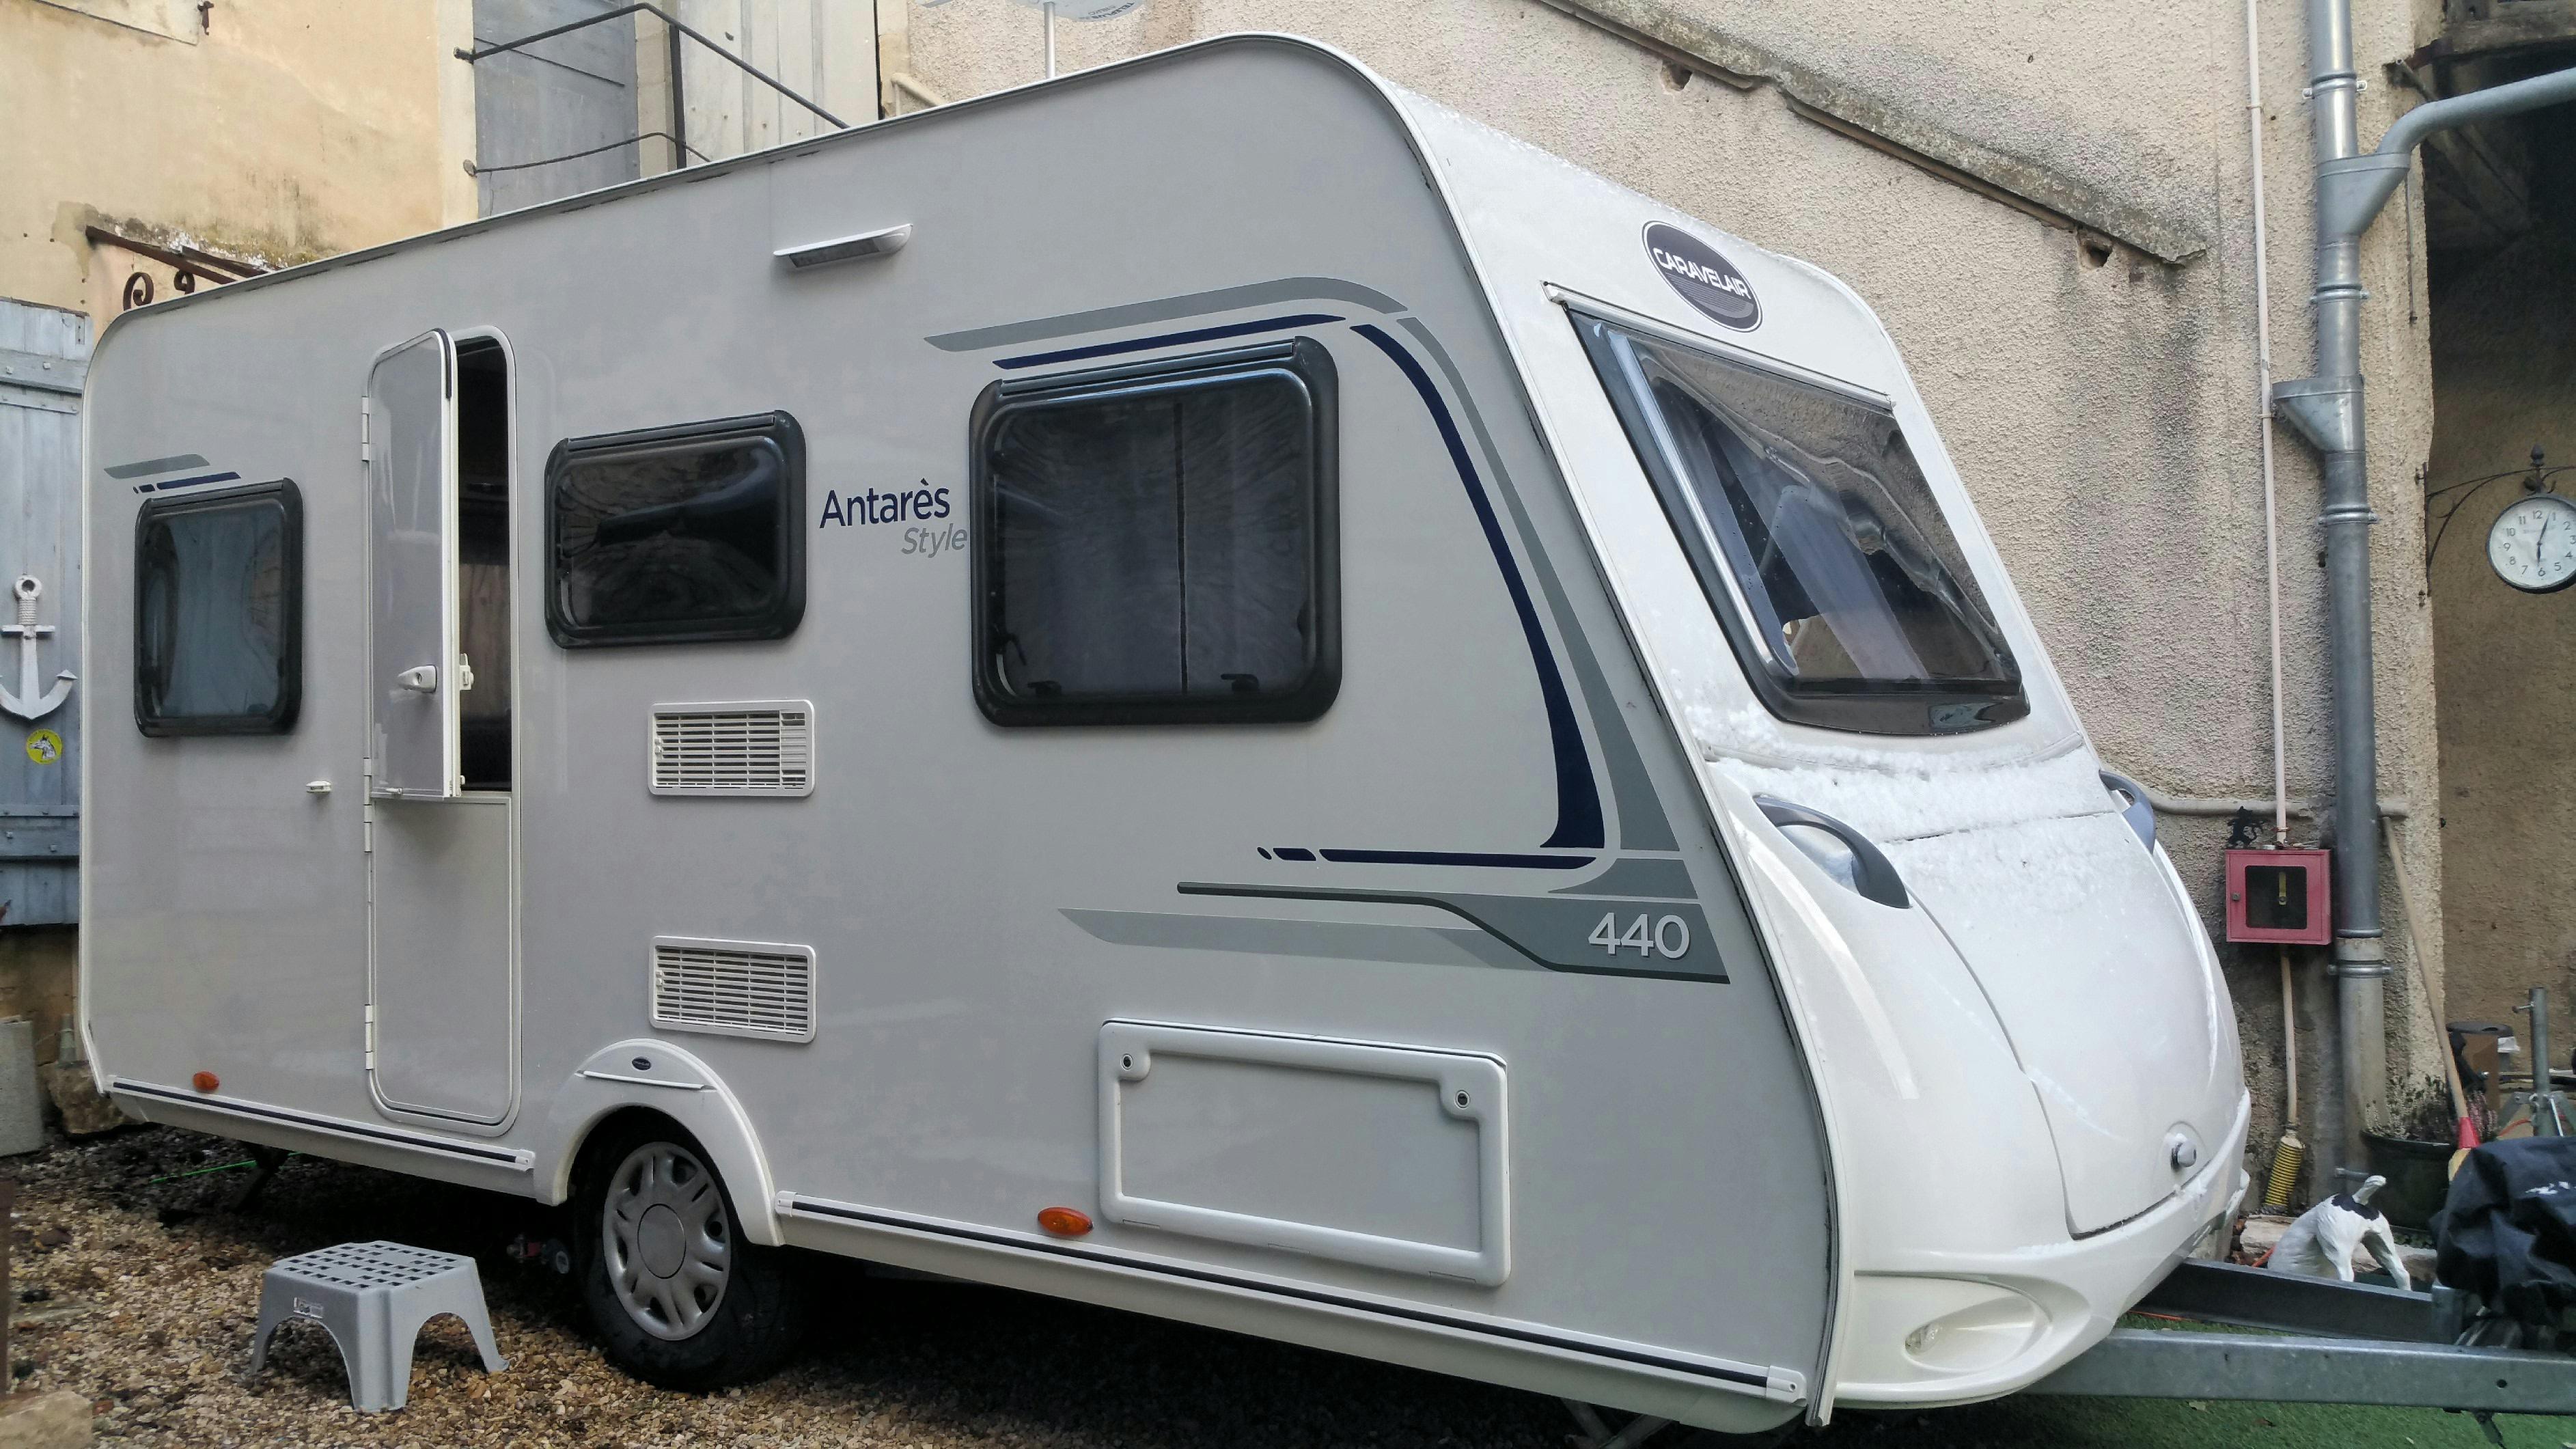 caravane d 39 occasion vendre entre particuliers caravane occasion. Black Bedroom Furniture Sets. Home Design Ideas